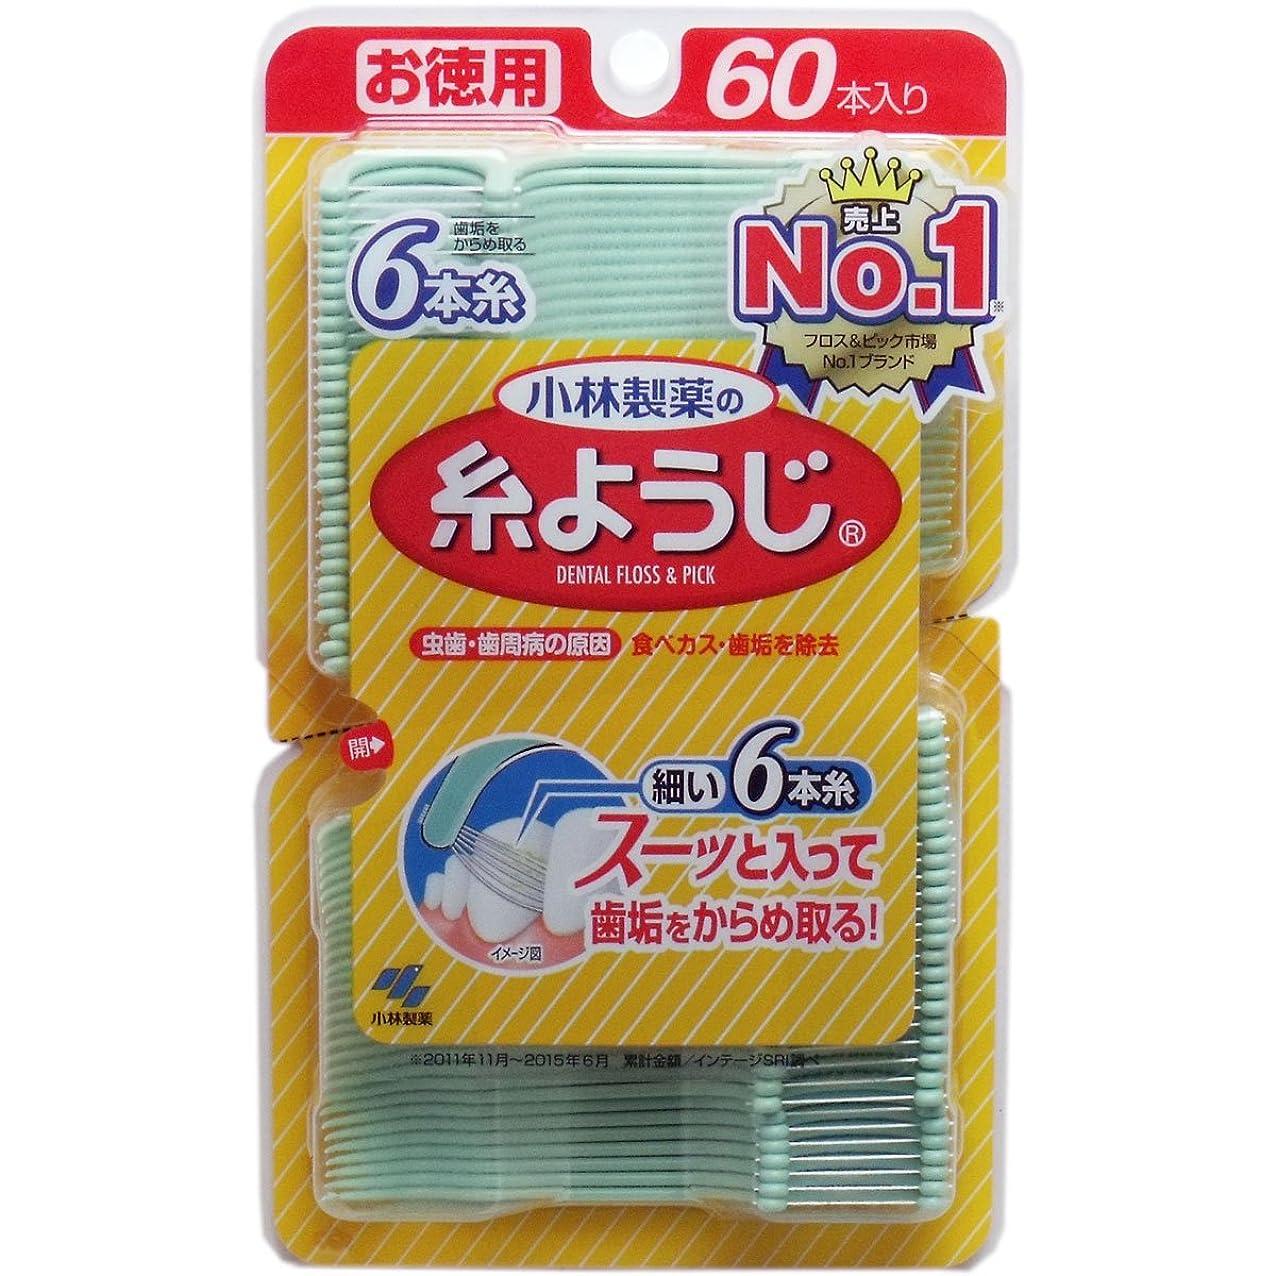 悔い改め感じ排泄する糸ようじ 60本 ×2セット